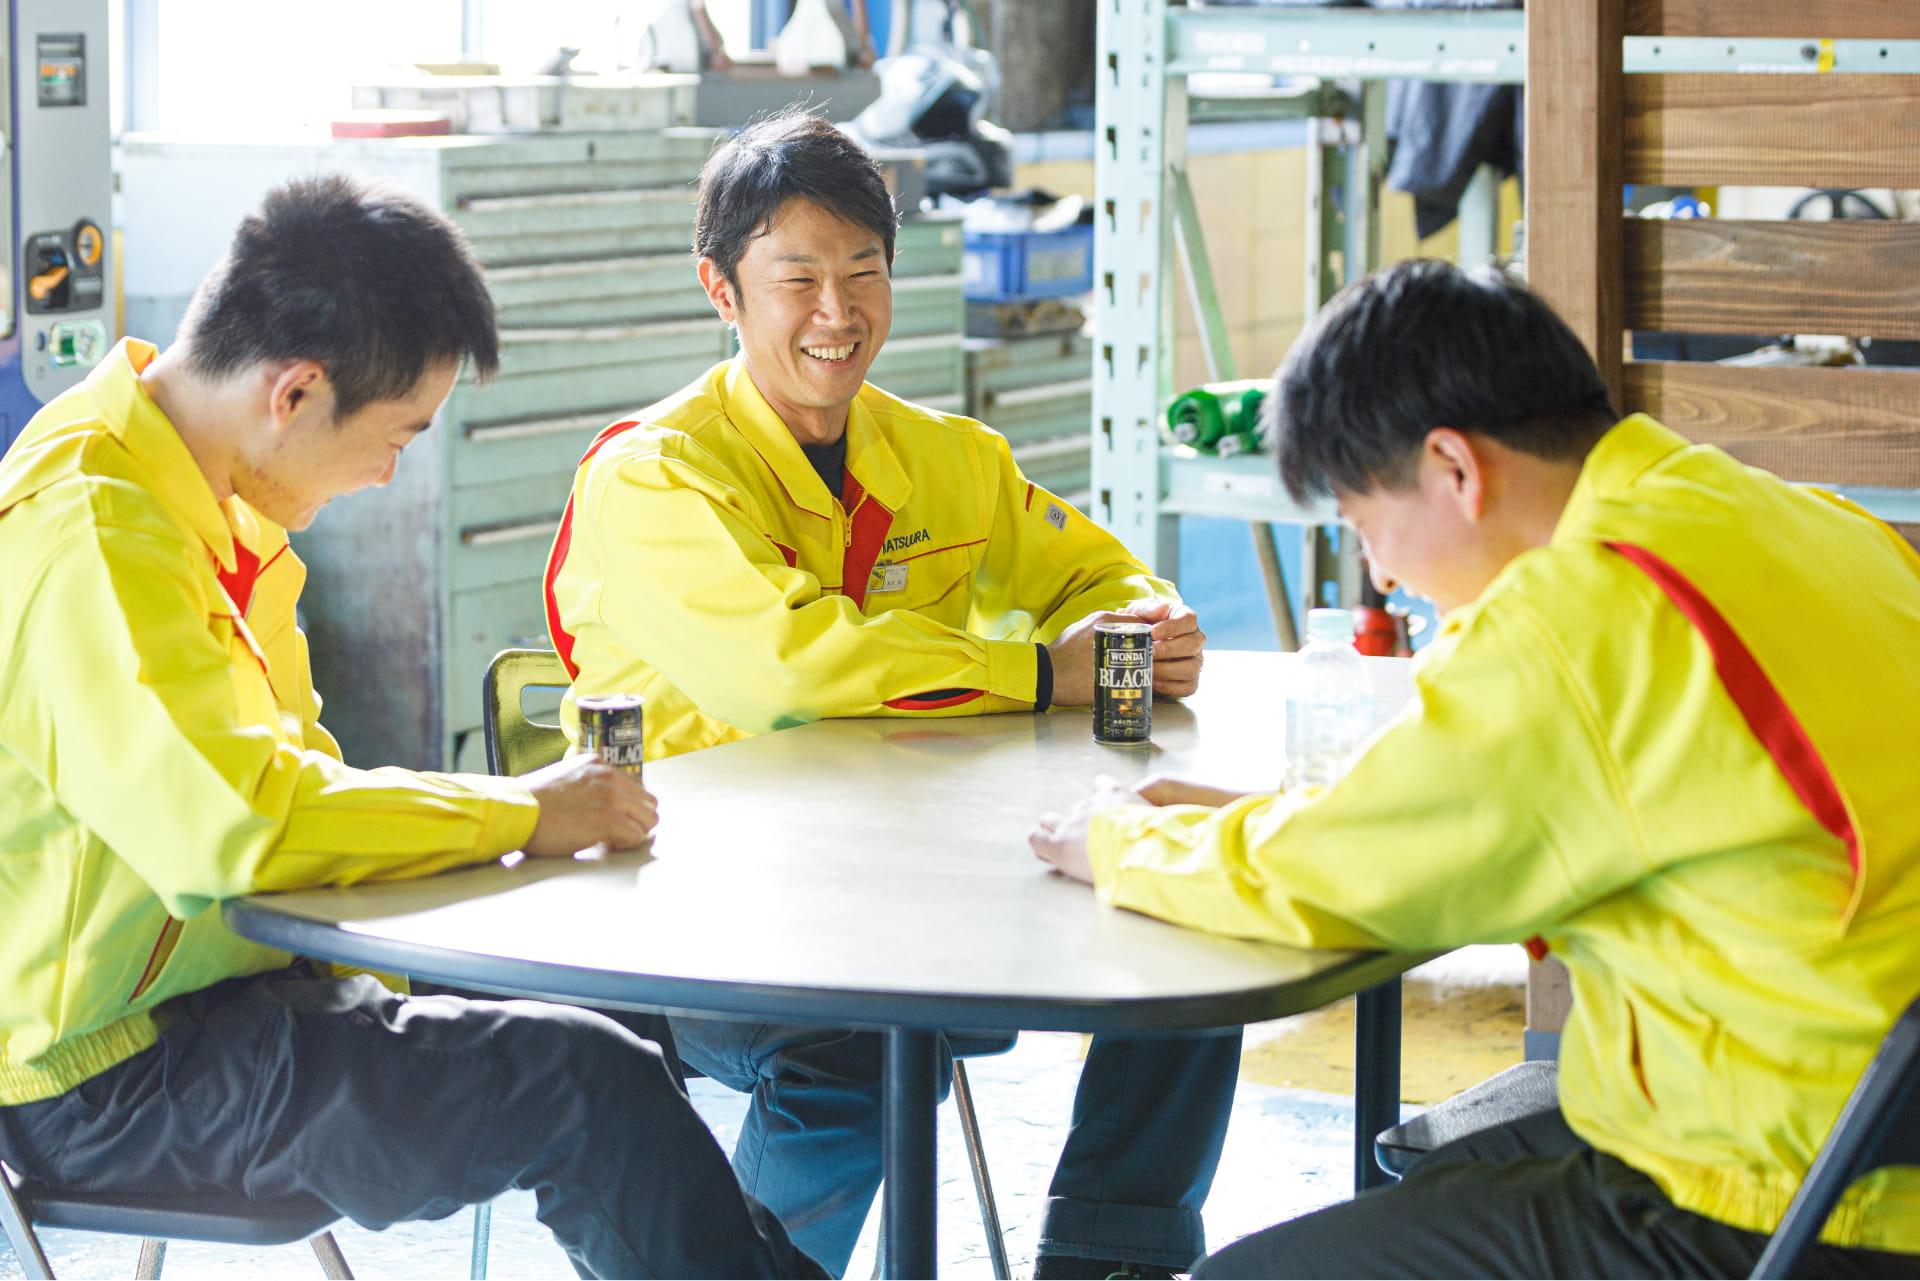 楽しそうに会話する松浦鉄工所の社員達